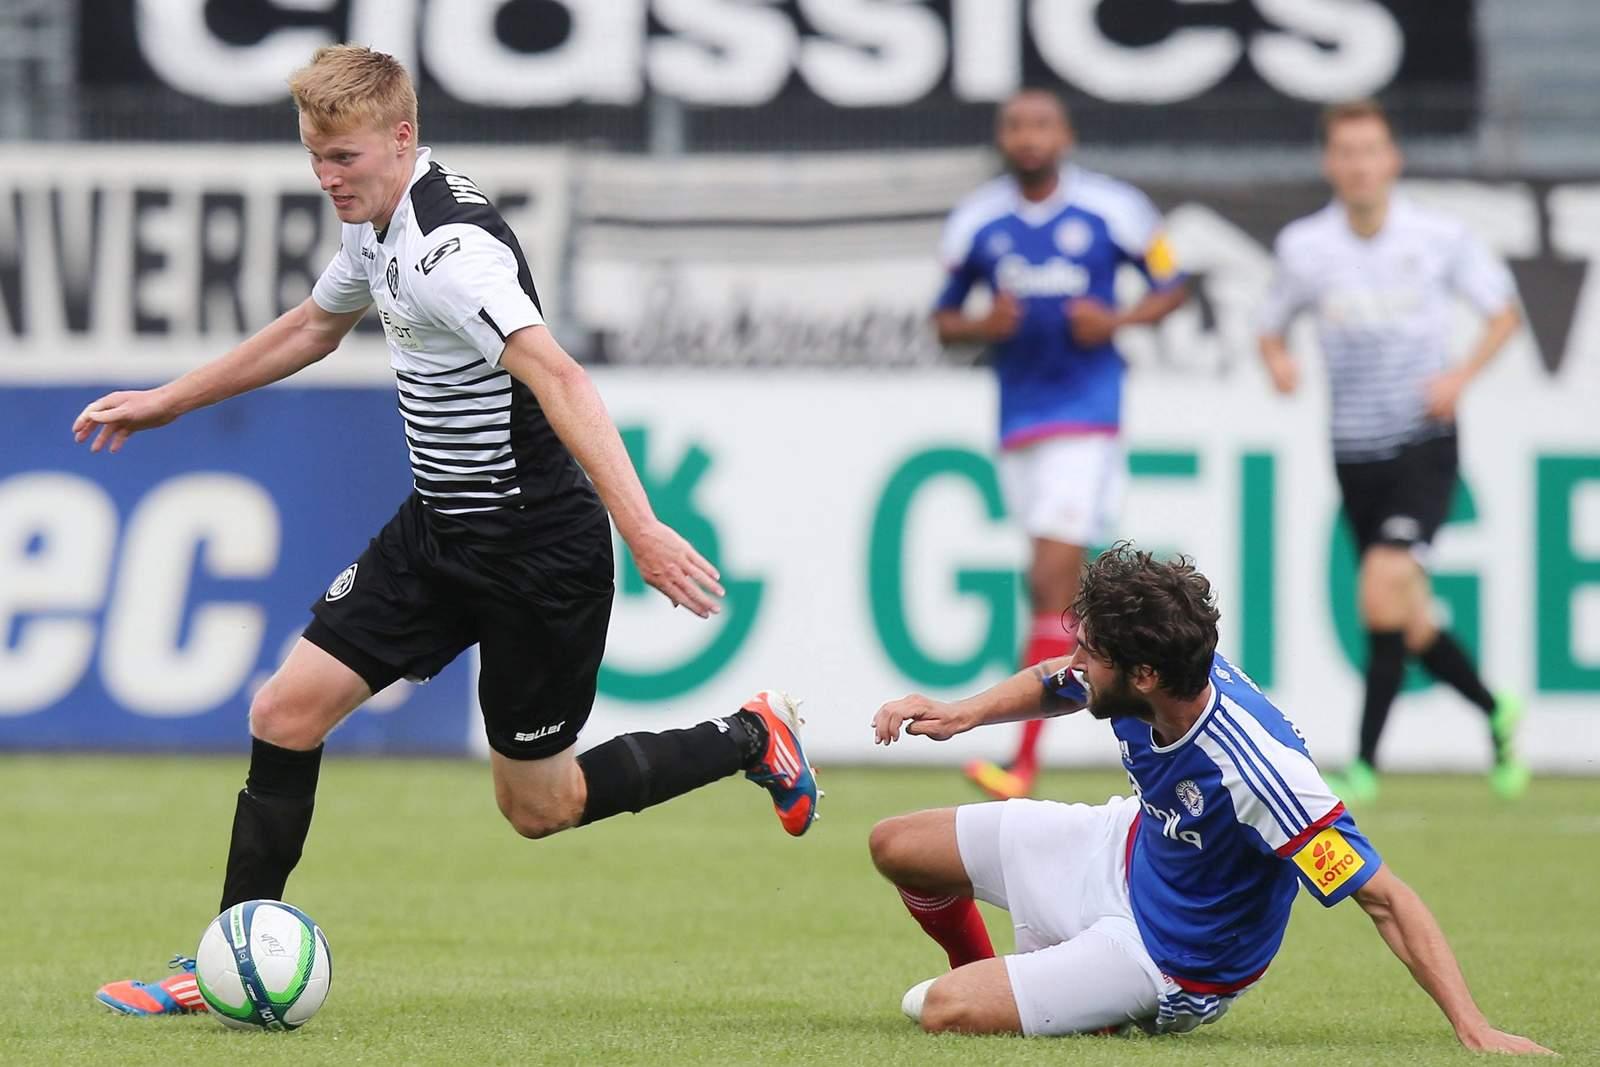 Setzt sich Hoheneder gegen Wegkamp durch? Jetzt auf Holstein Kiel gegen VfR Aalen wetten